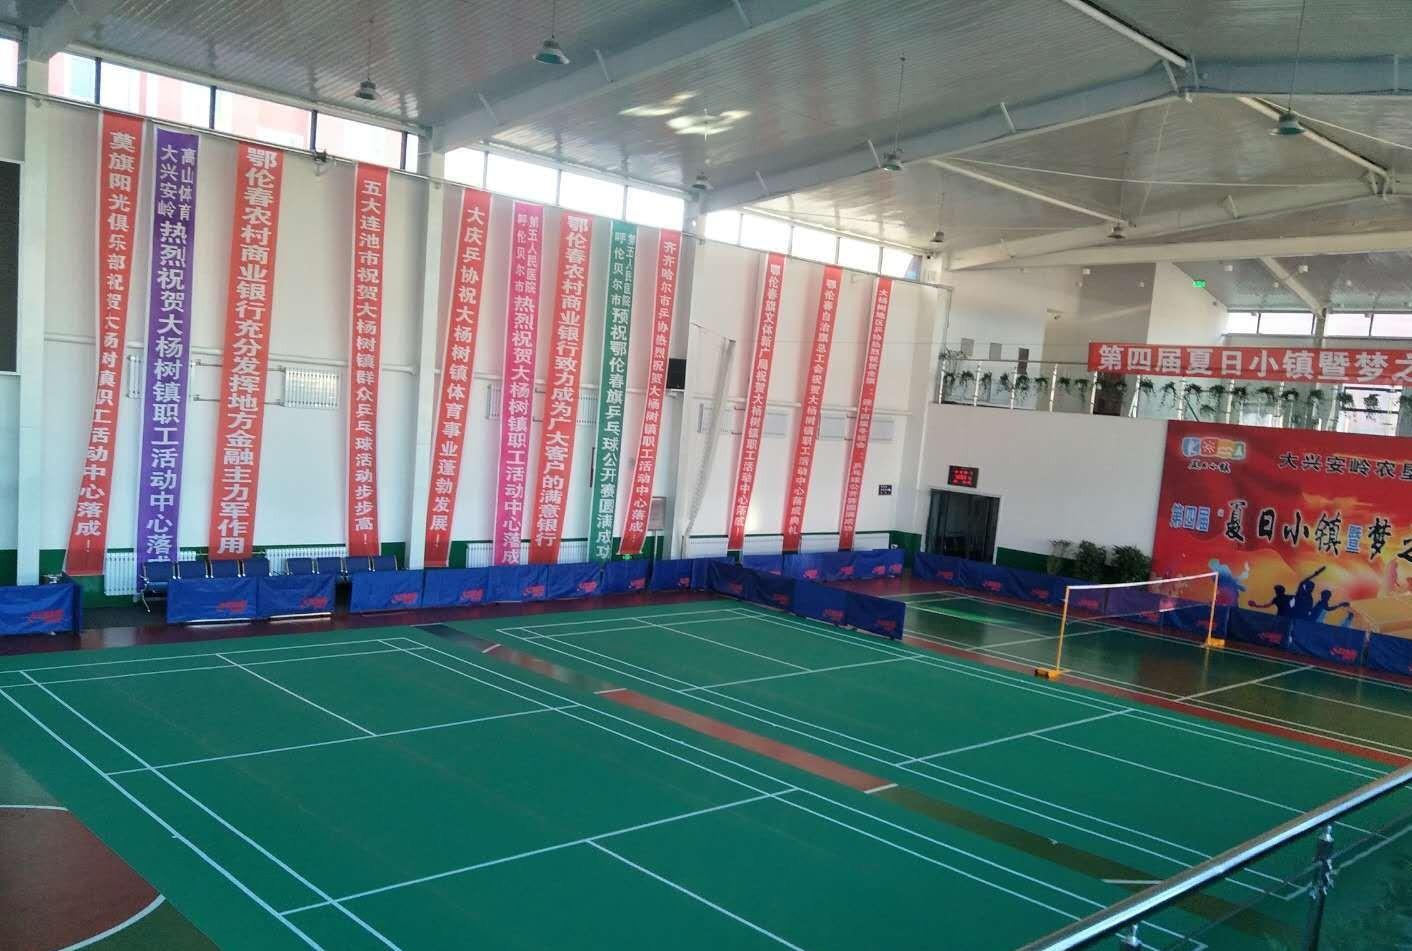 天津羽毛球塑胶地板有哪些性能指标?